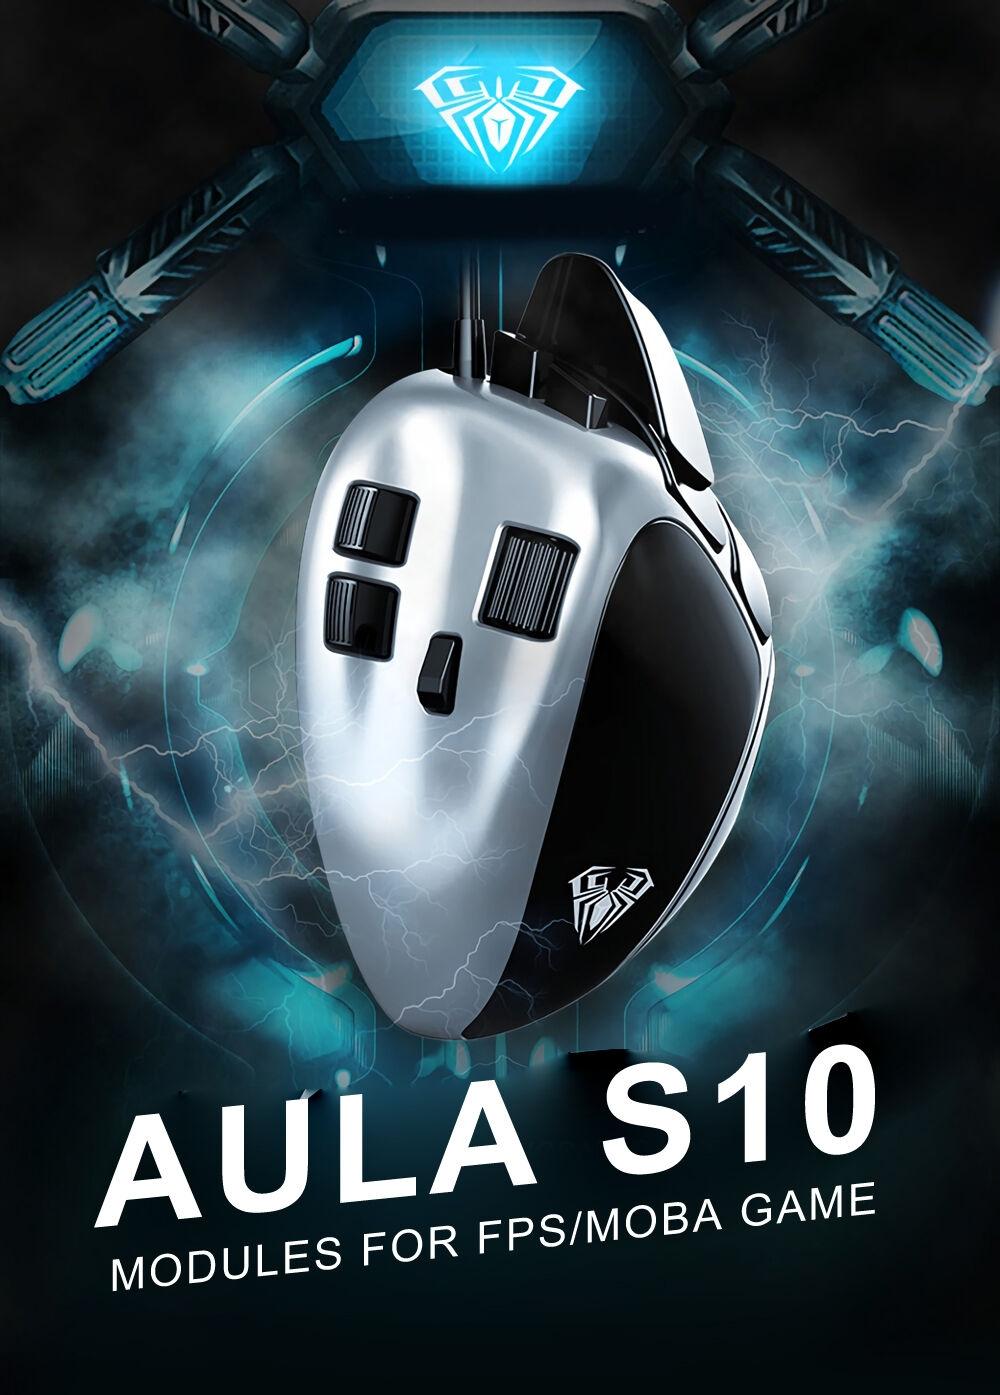 AULA-S10-4000DPI-Module-Réglable-Structure-Optique-Gaming-Souris-pour-FPSMOBA-Jeu-1373772